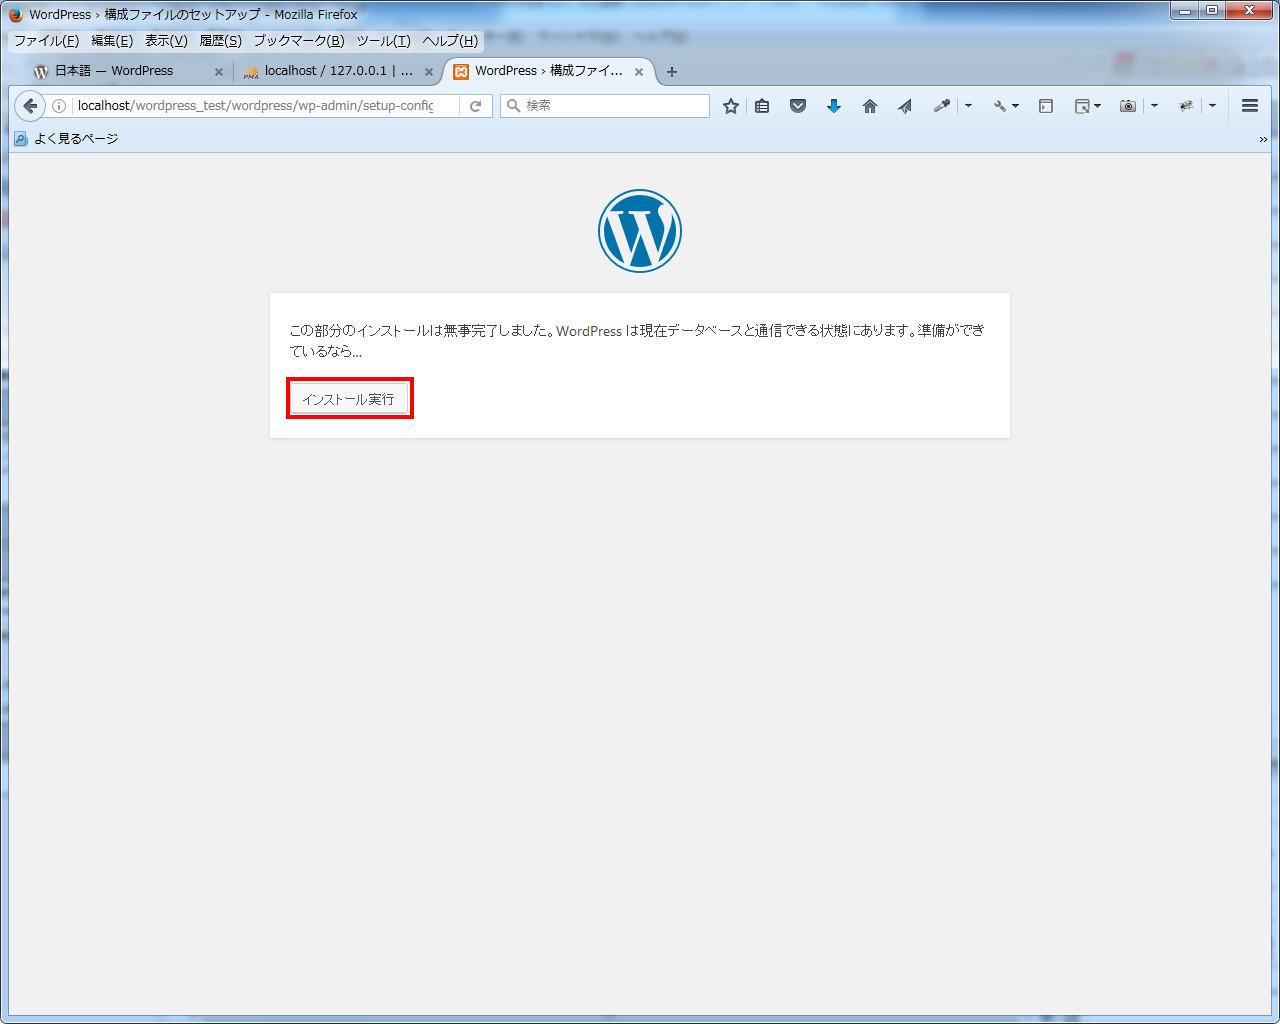 WordPressの『インストール実行』